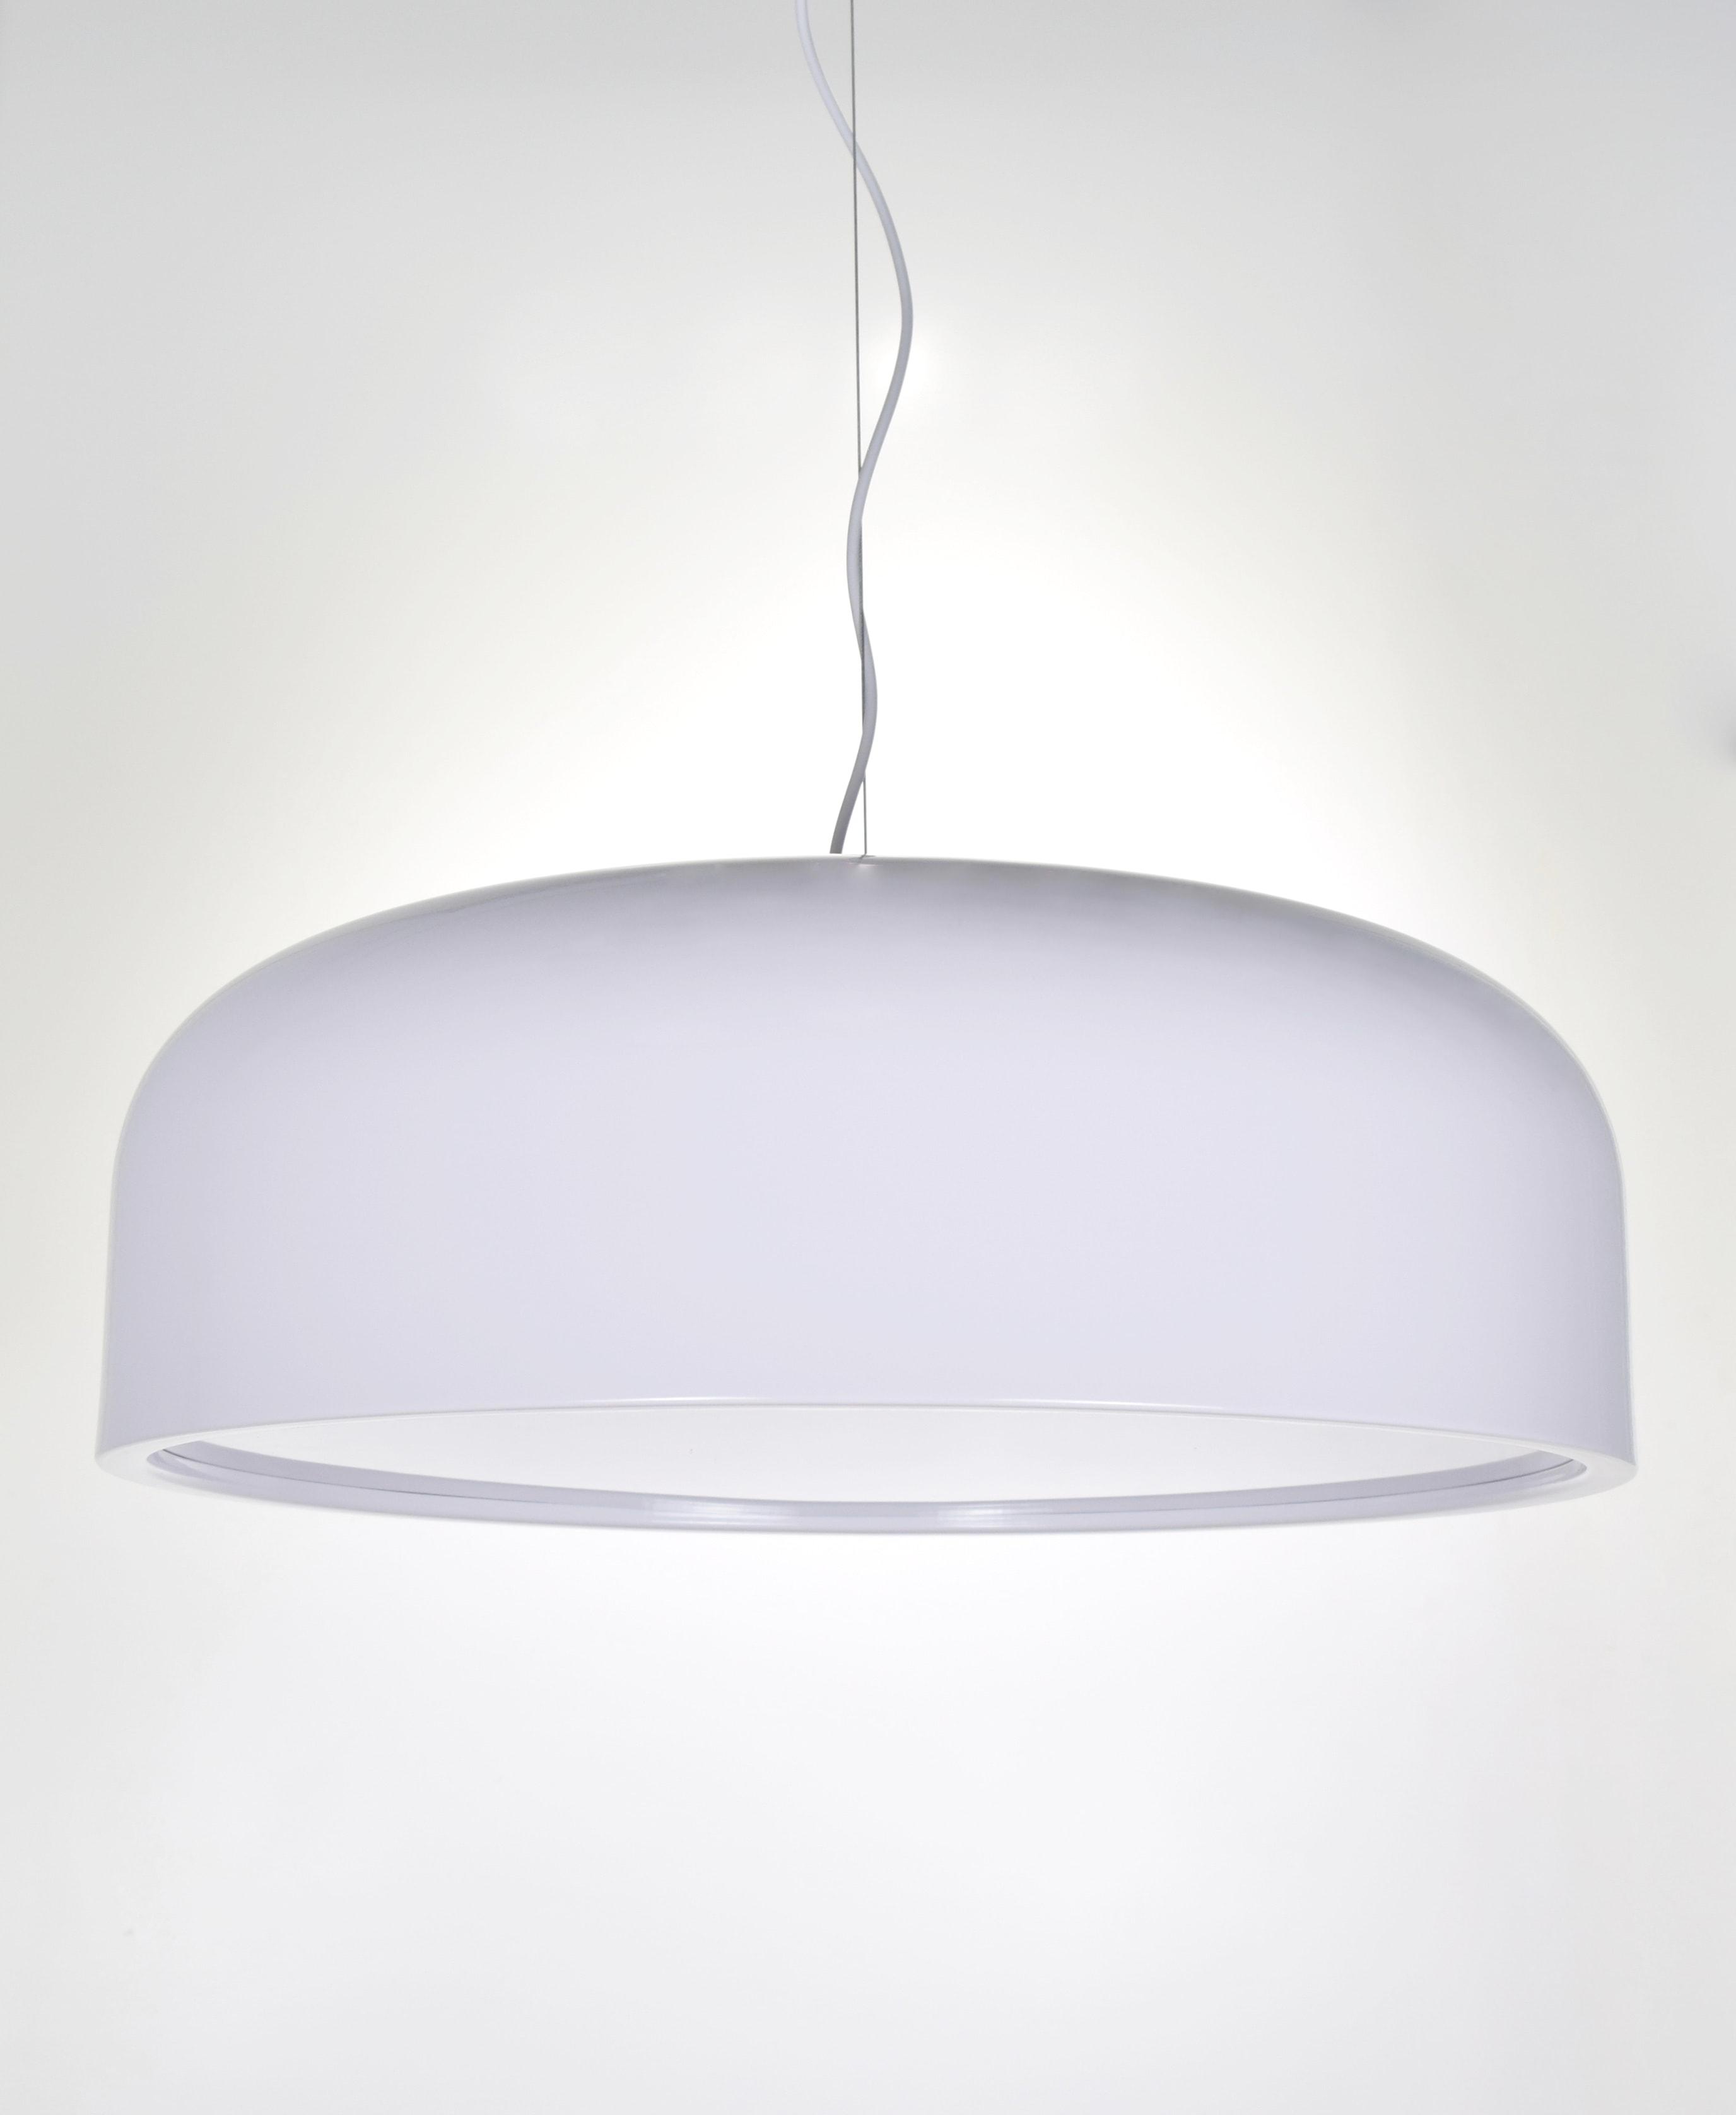 馬卡龍白色吊燈-BNL00128 4